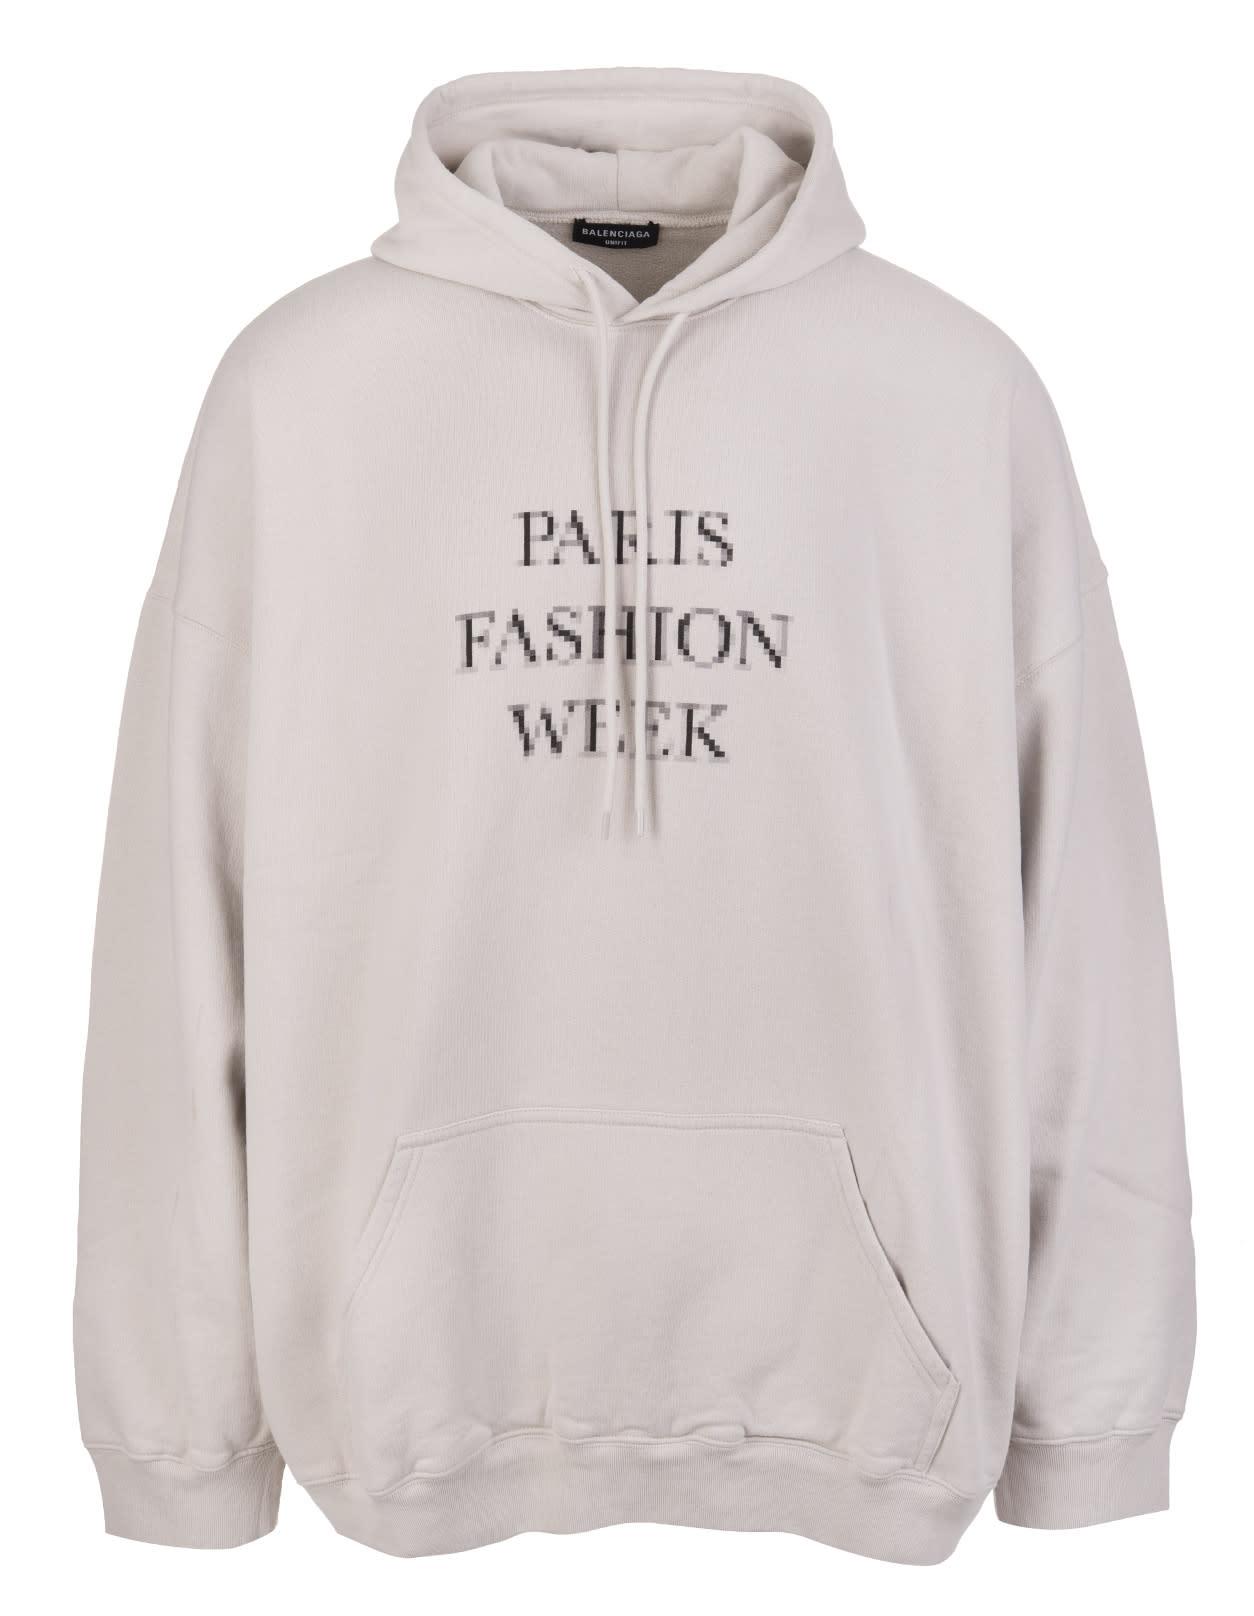 Balenciaga Clothing UNISEX GREY FASHION WEEK SHRUNK OVERSIZE HOODIE